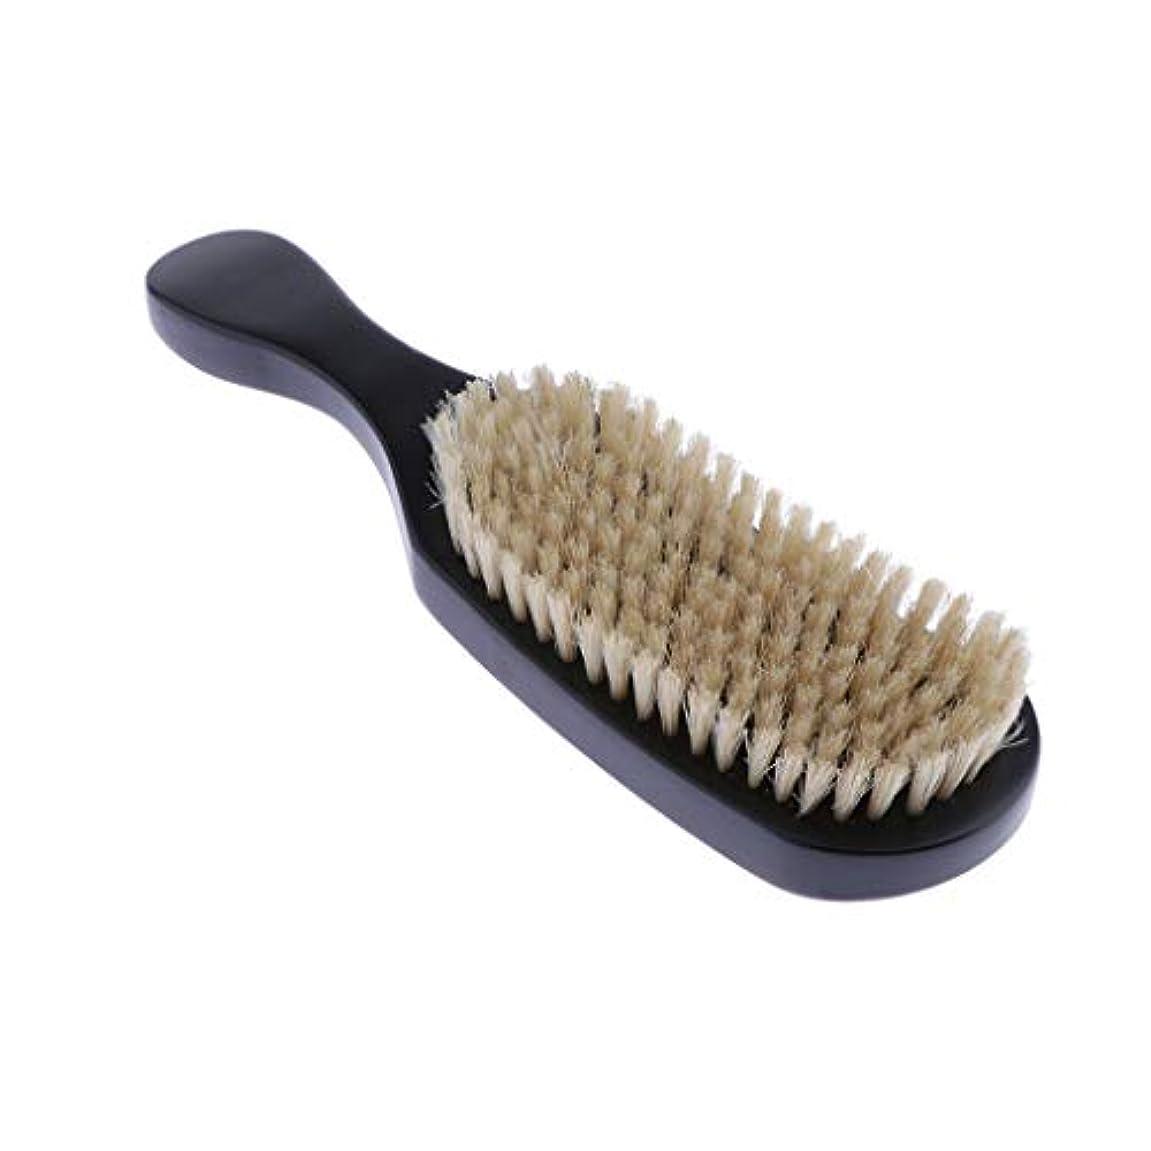 キャベツ隔離ロードされたへアカラーセット ヘアダイブラシ DIY髪染め用 サロン 美髪師用 ヘアカラーの用具 全4色 - ブラック